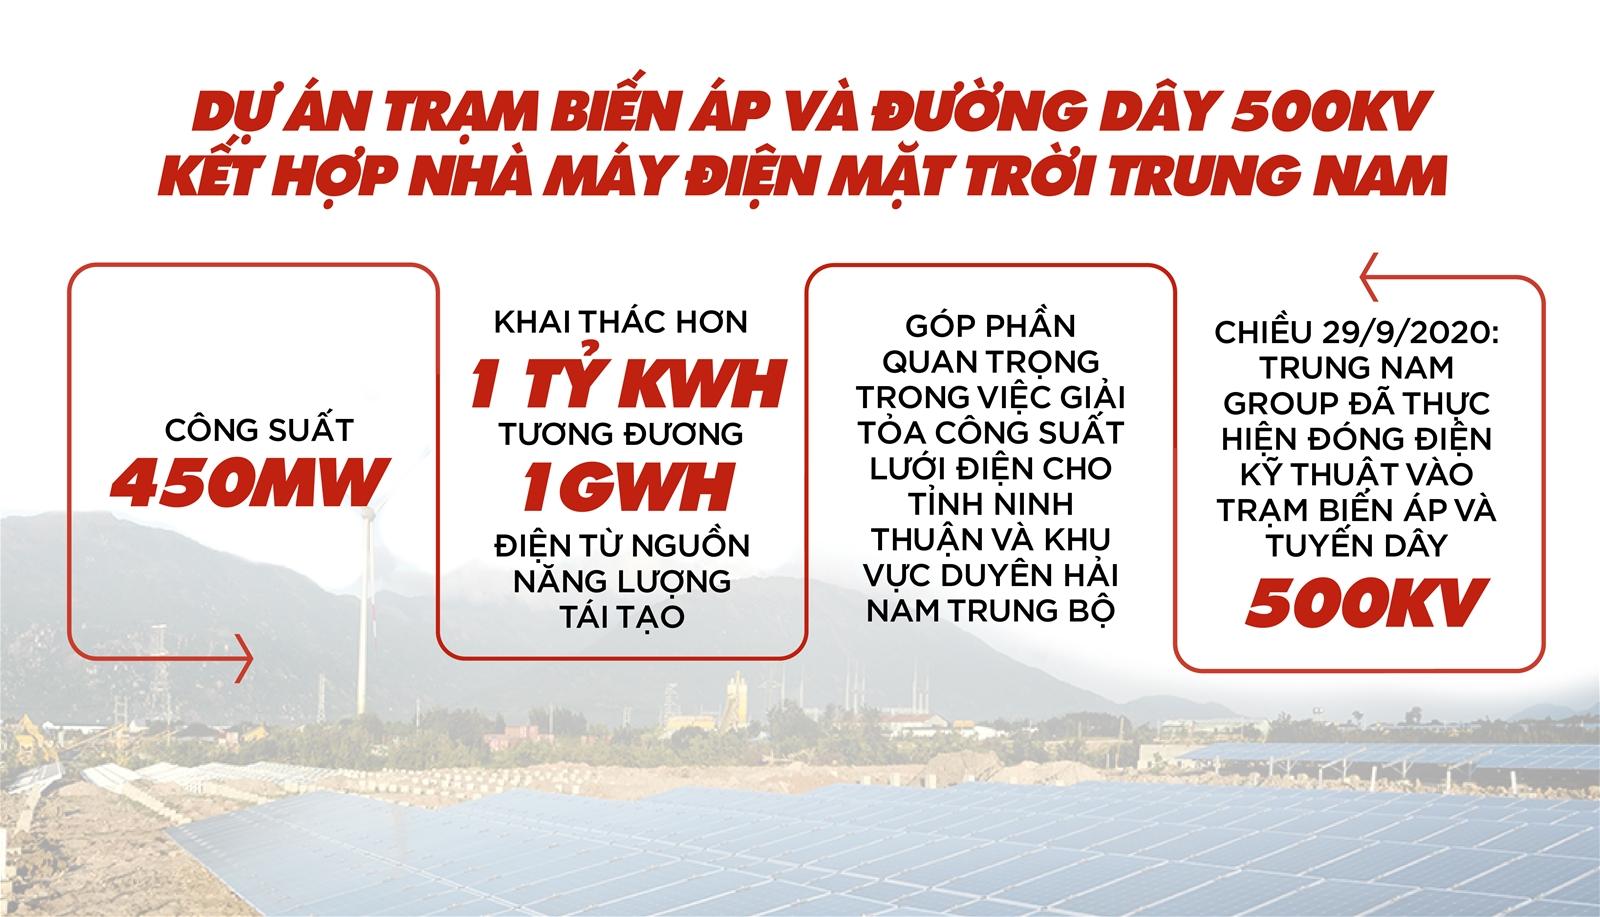 """Tập đoàn Trung Nam   """"Người tạo dấu ấn lịch sử"""" trong điện mặt trời!"""